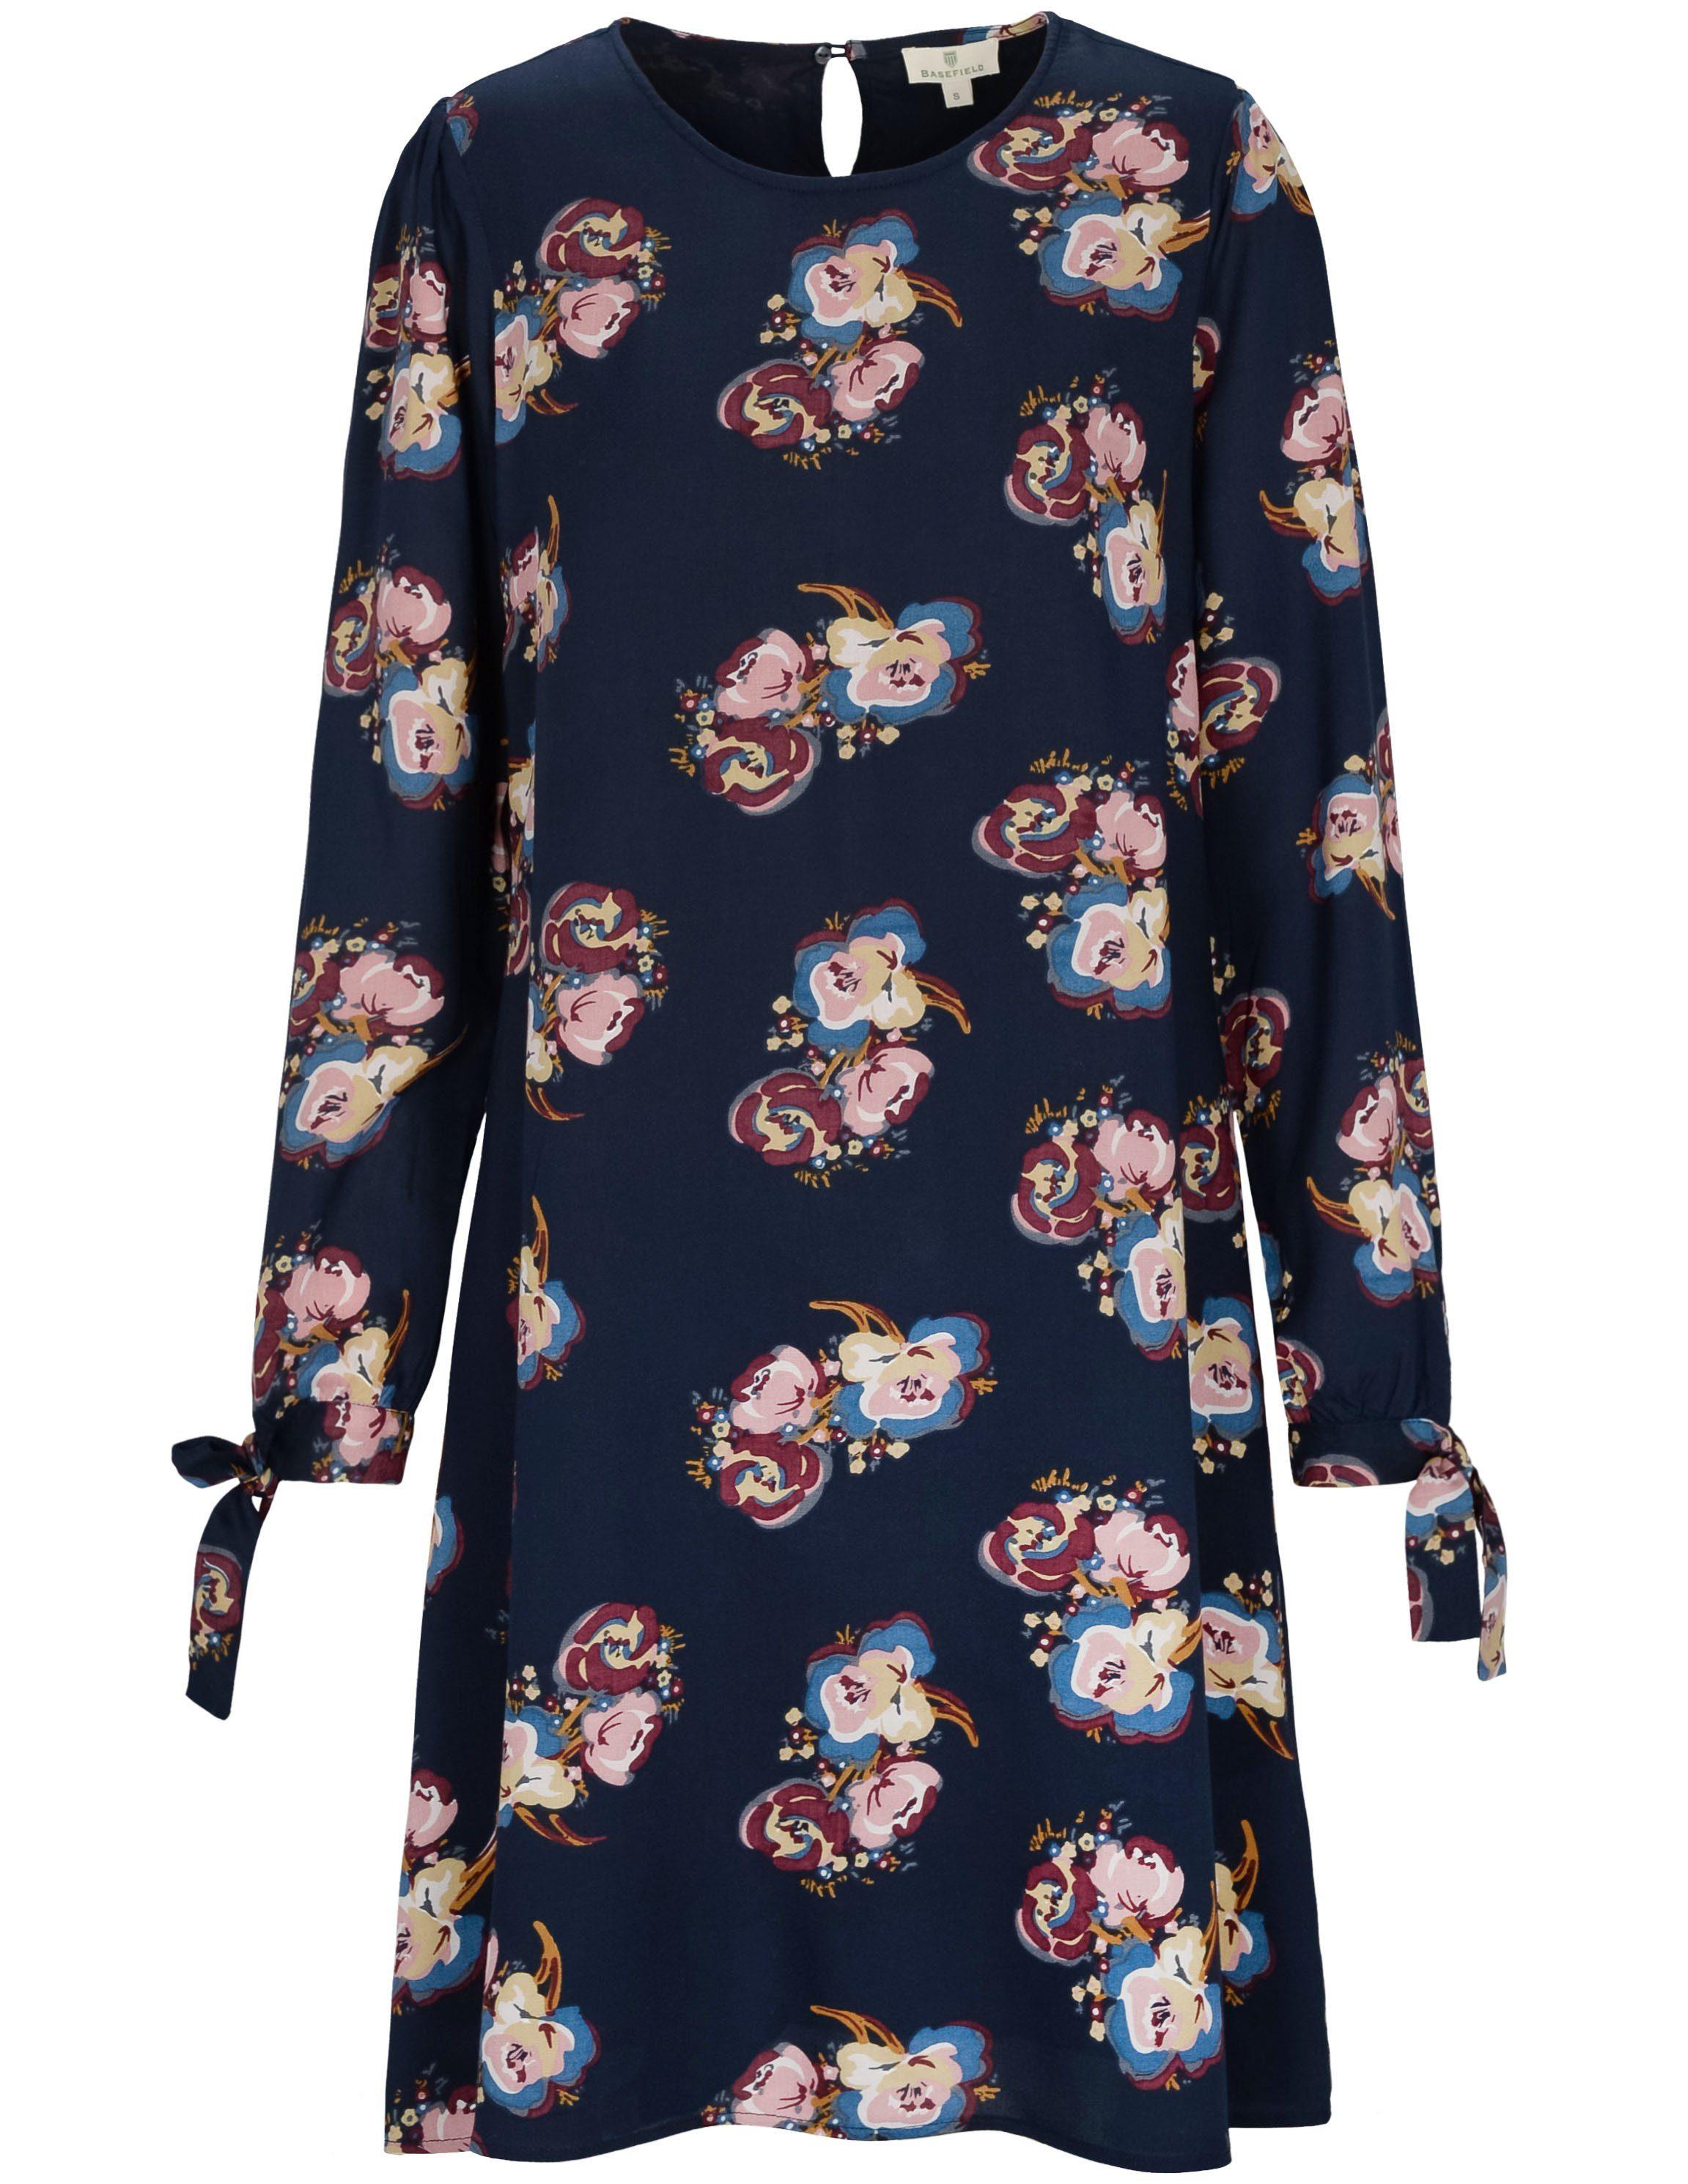 BASEFIELD A-Linien-Kleid mit Binde-Details am Ärmelsaum